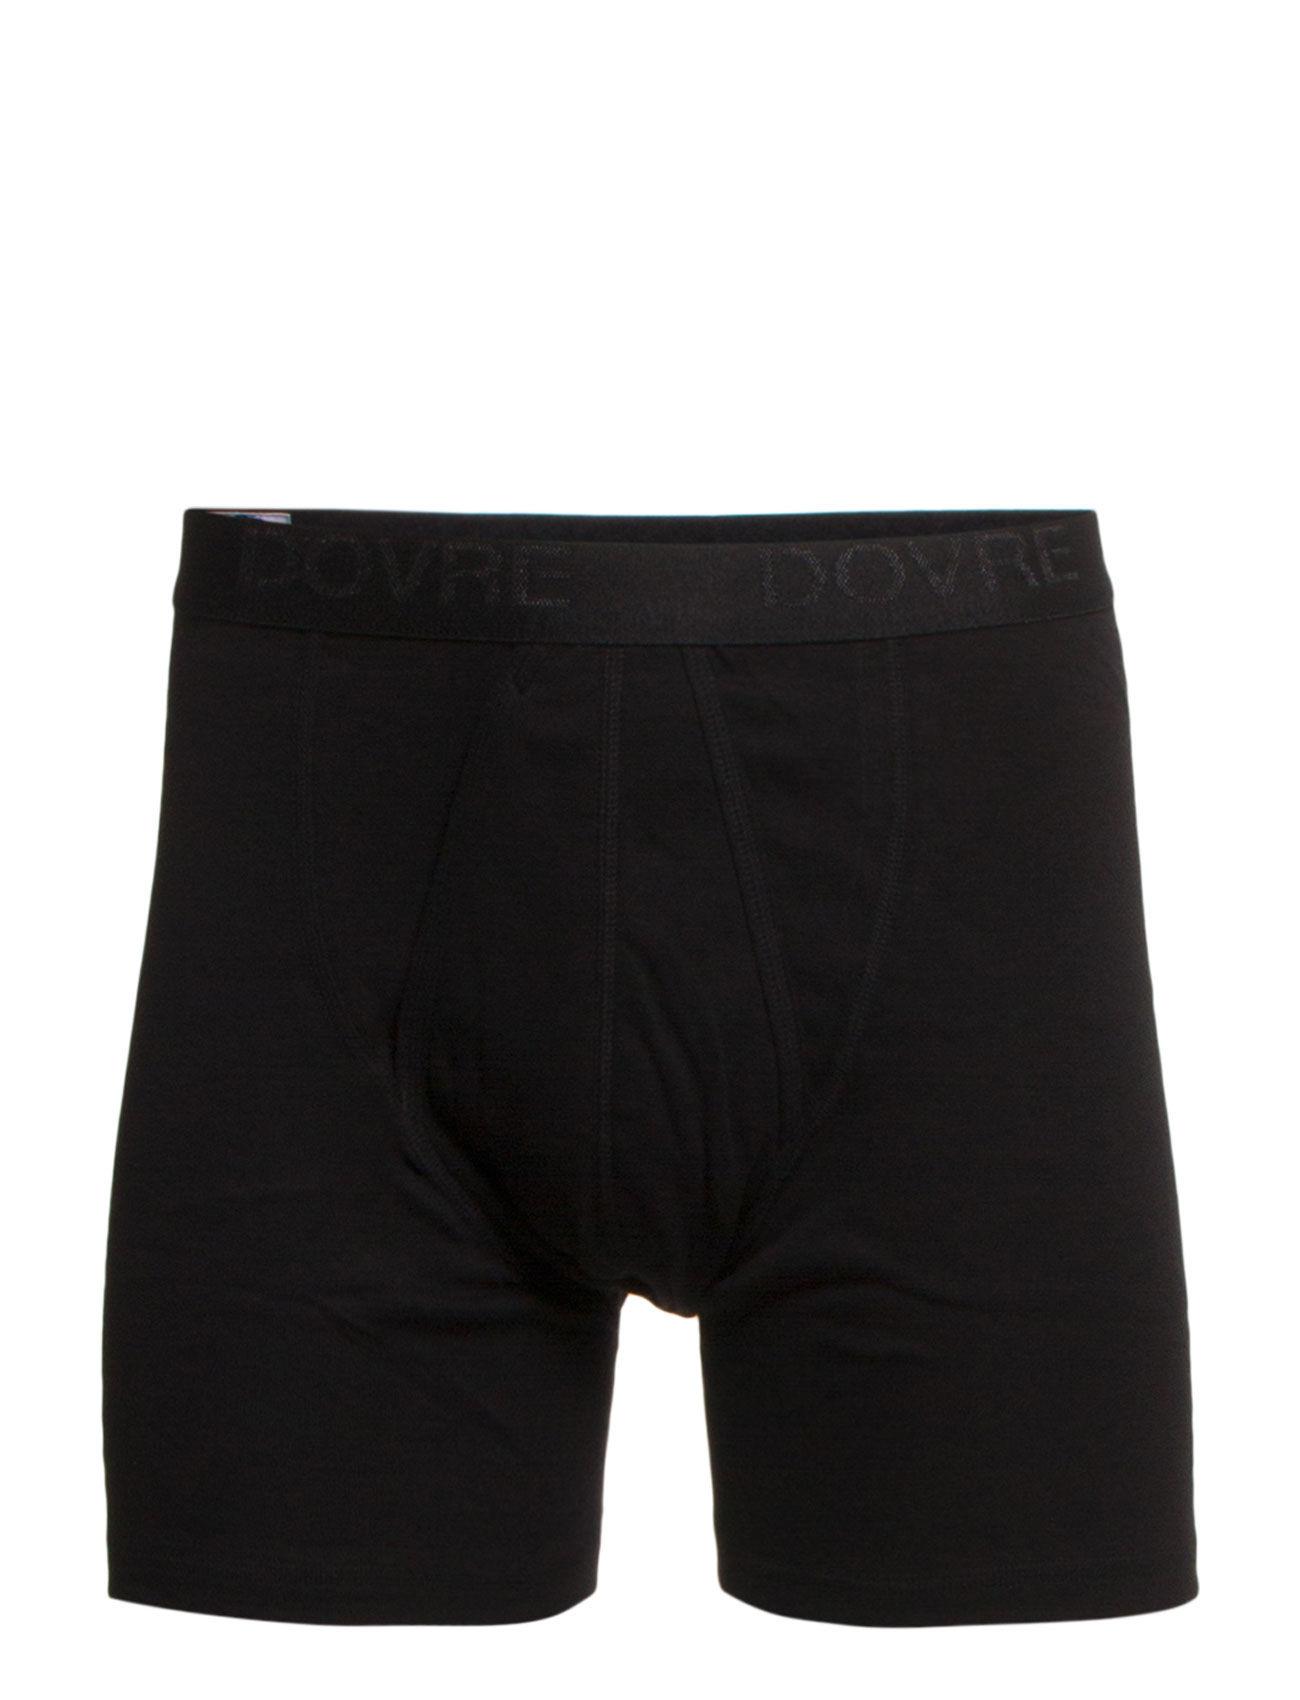 Dovre Benklæde m/kort ben og gylp - BLACK